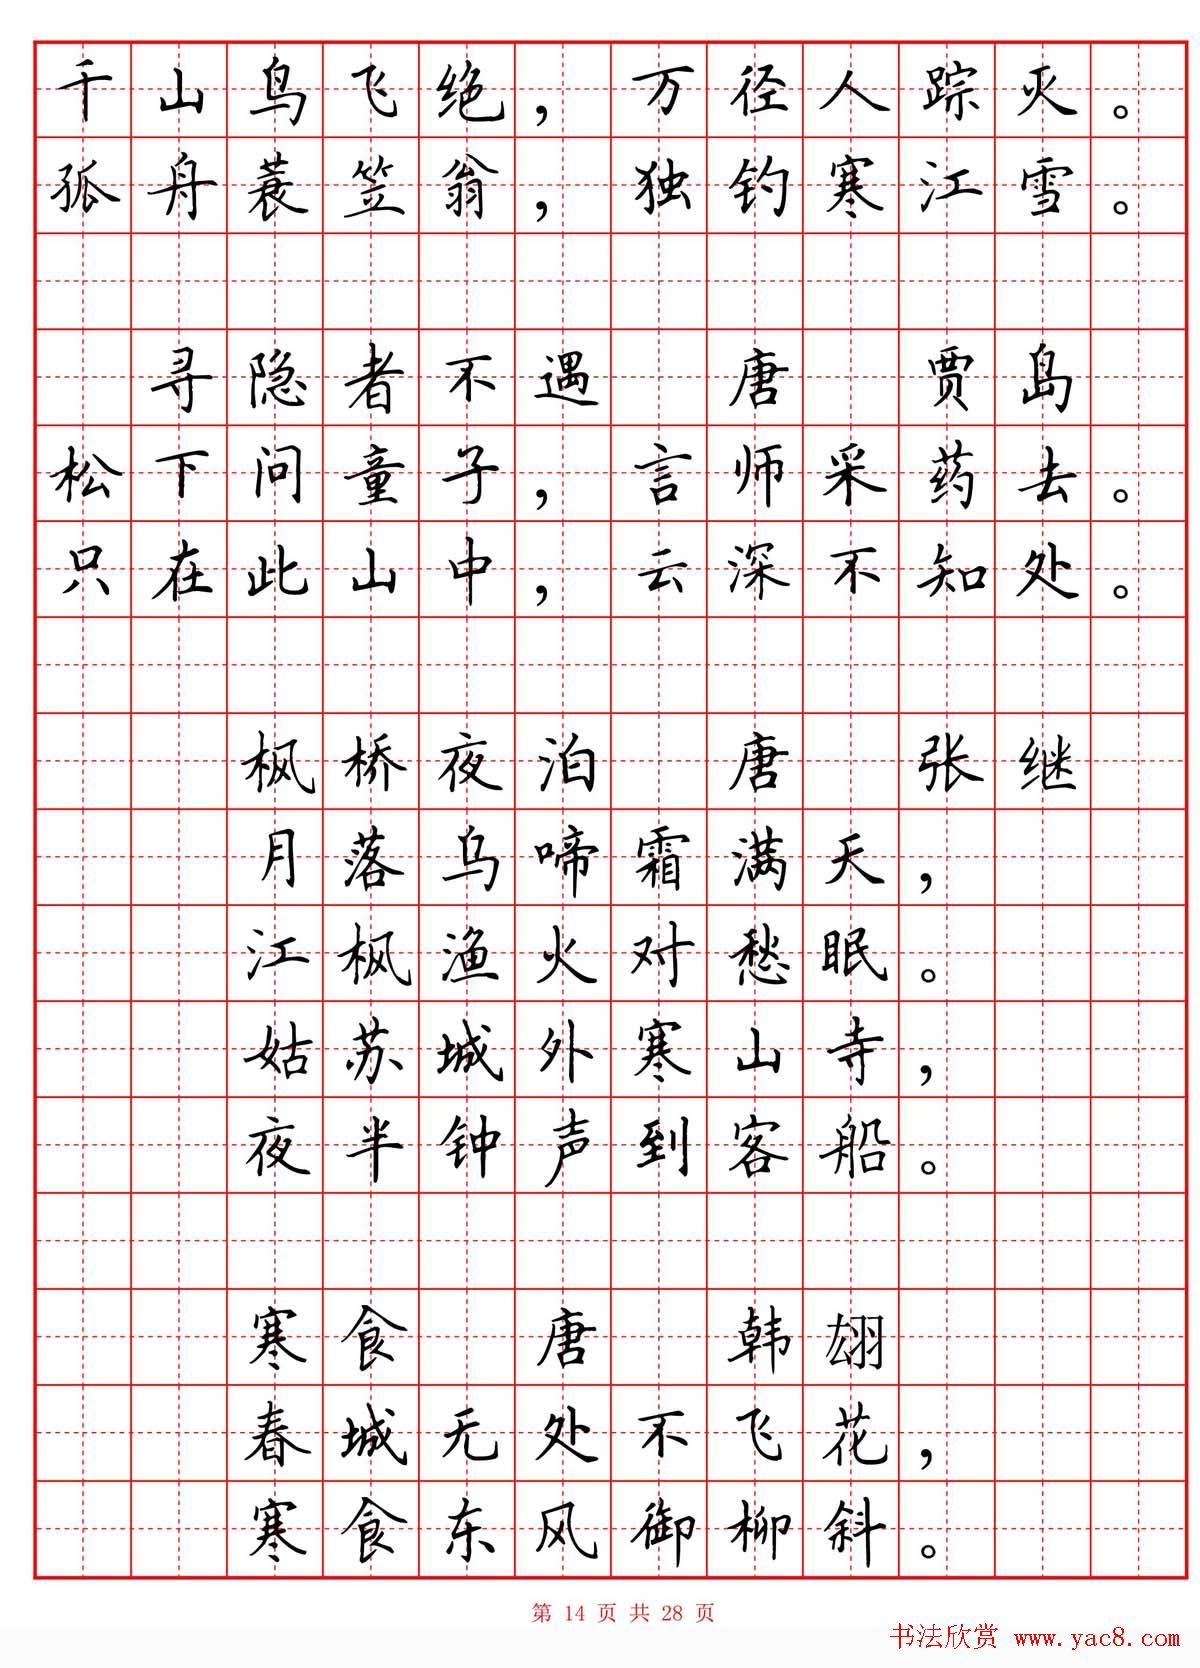 硬笔书法字帖 小学生必背古诗词八十首 第14页 钢笔字帖 书法欣赏图片